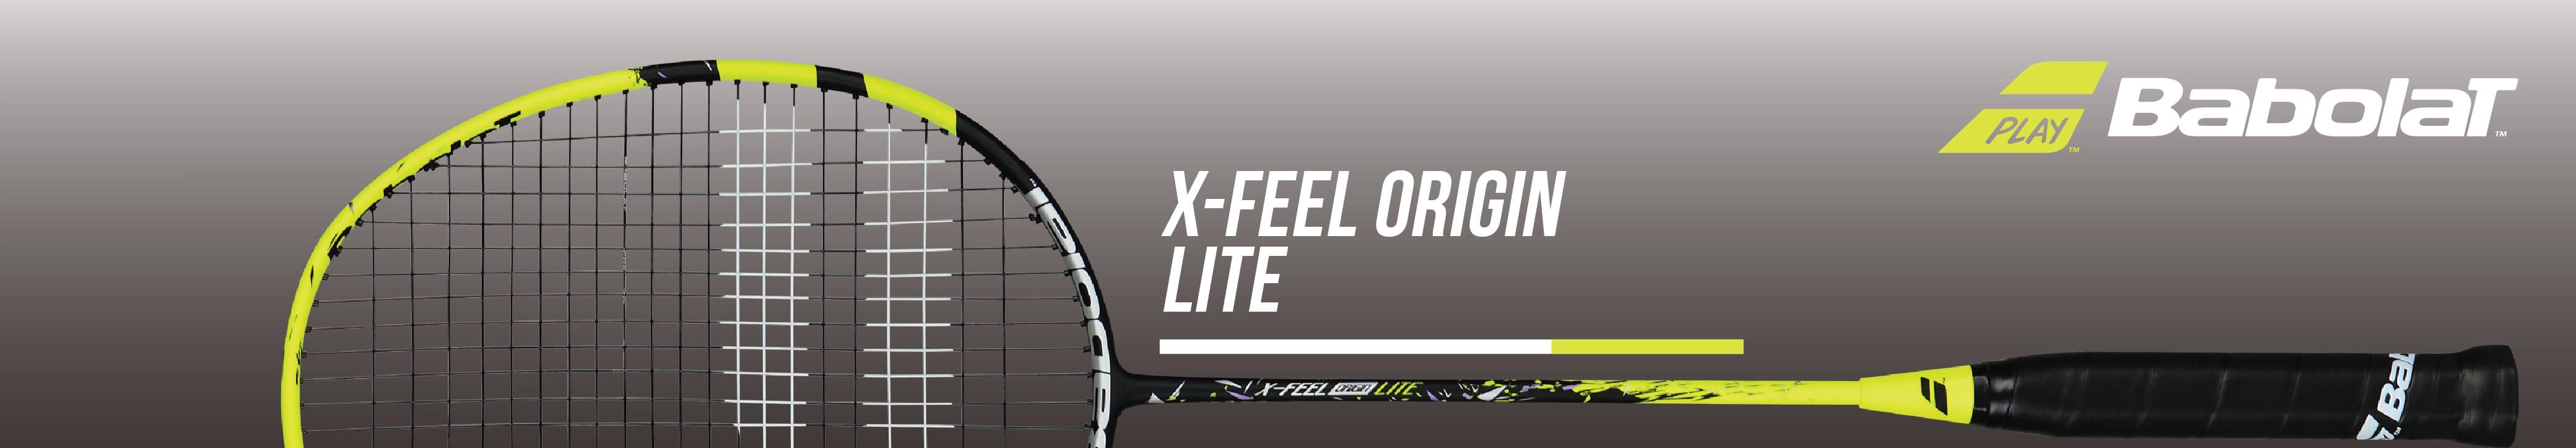 X-Feel Origin